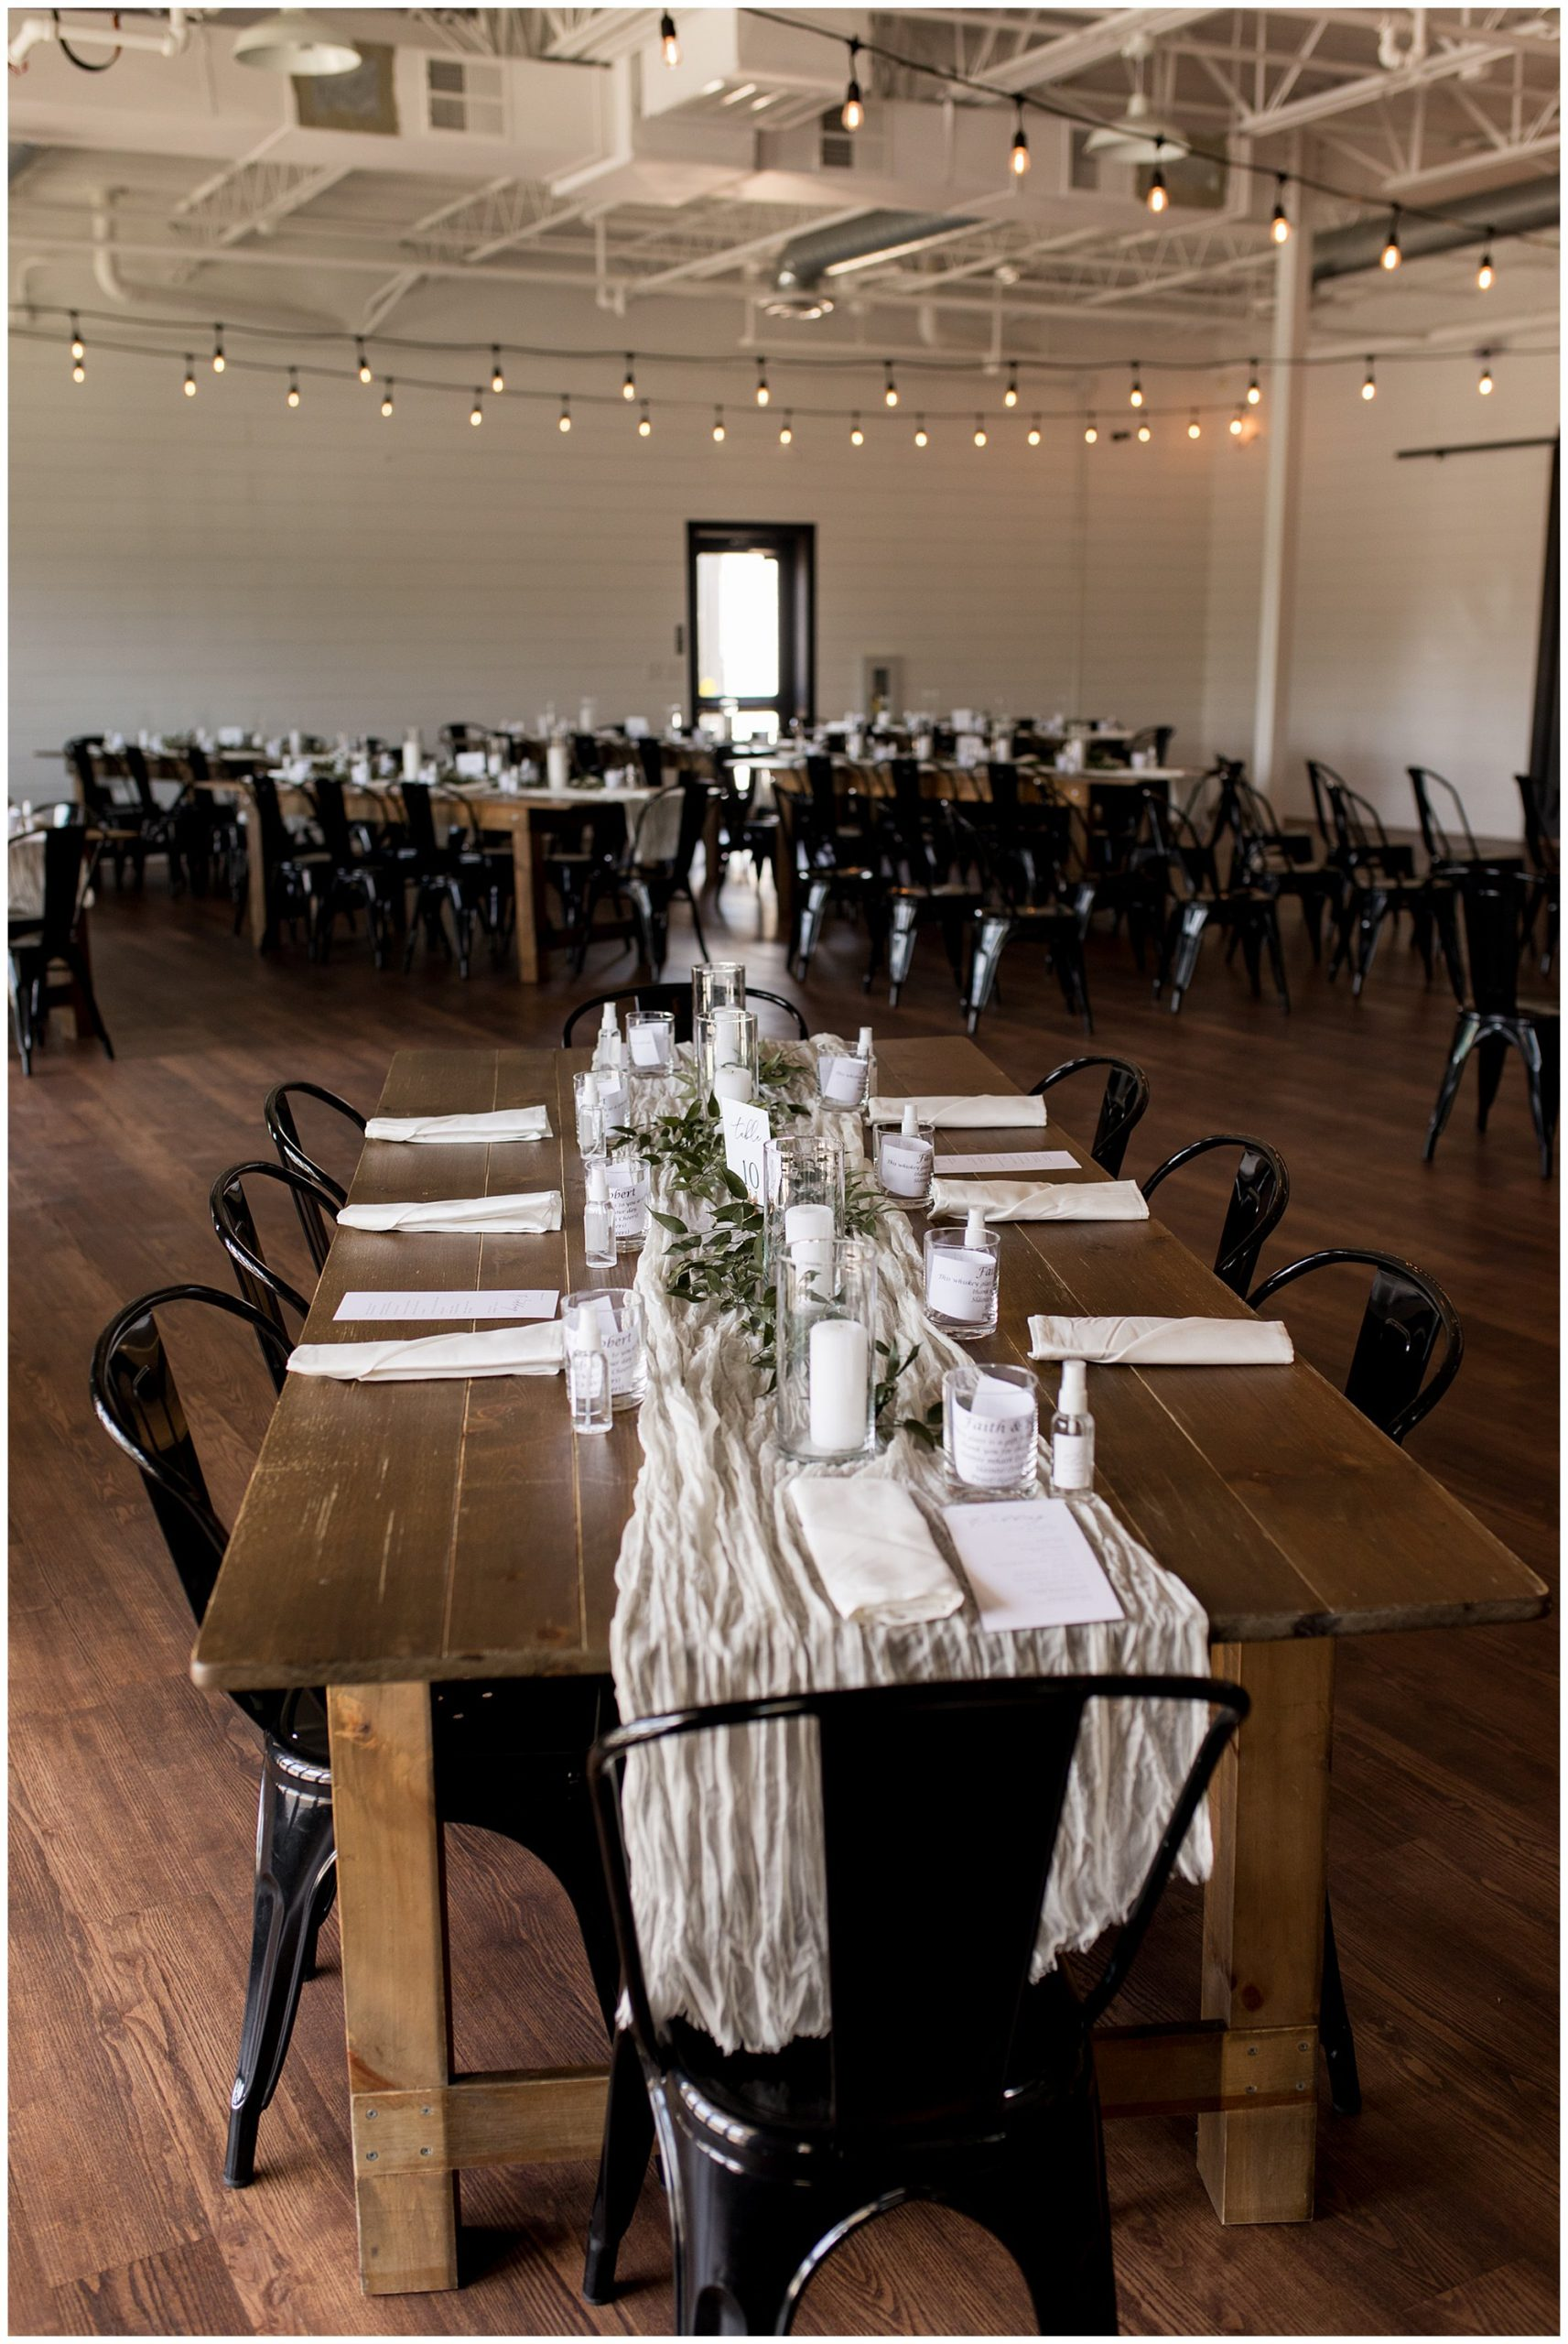 wedding reception table decor at BASH wedding in Carmel